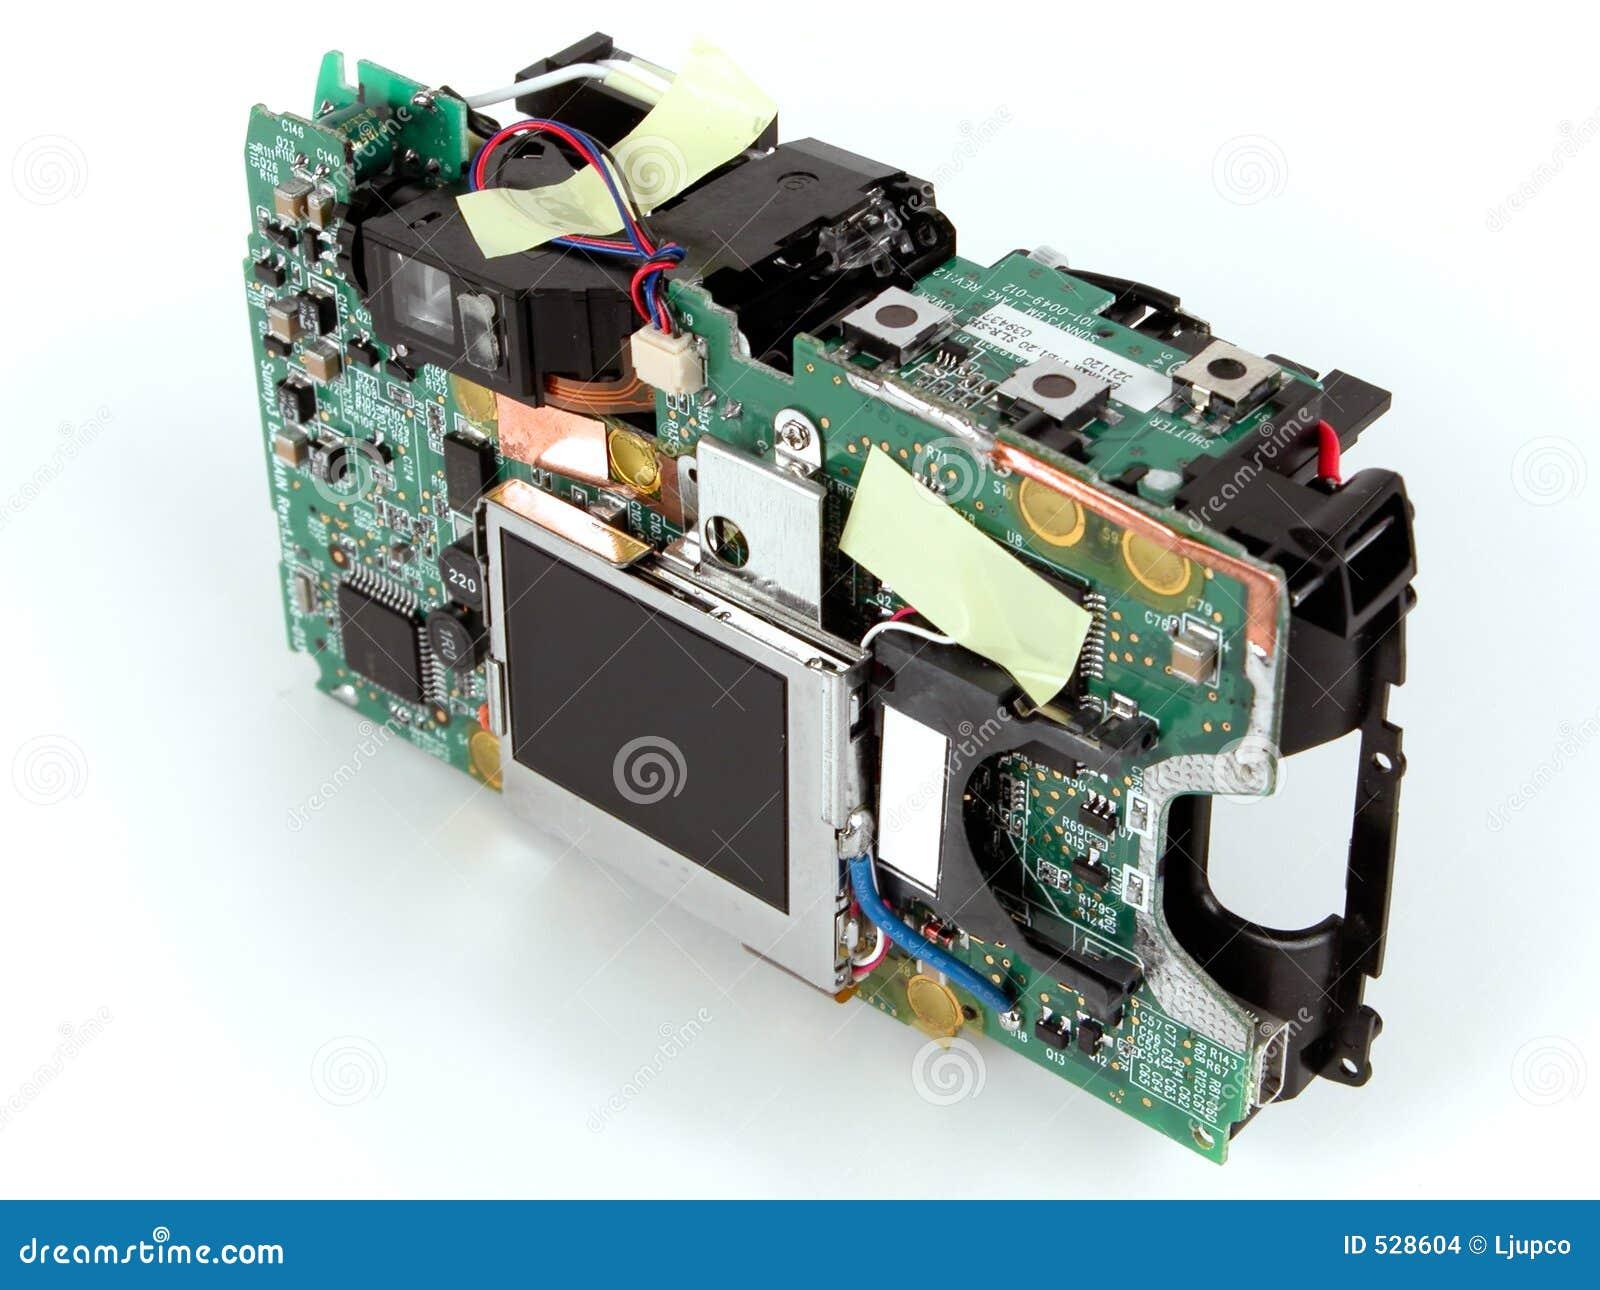 Download 数字式照相机开张 库存照片. 图片 包括有 backarrow, 内存, 协定, 设备, 电路, 象素, 多媒体 - 528604